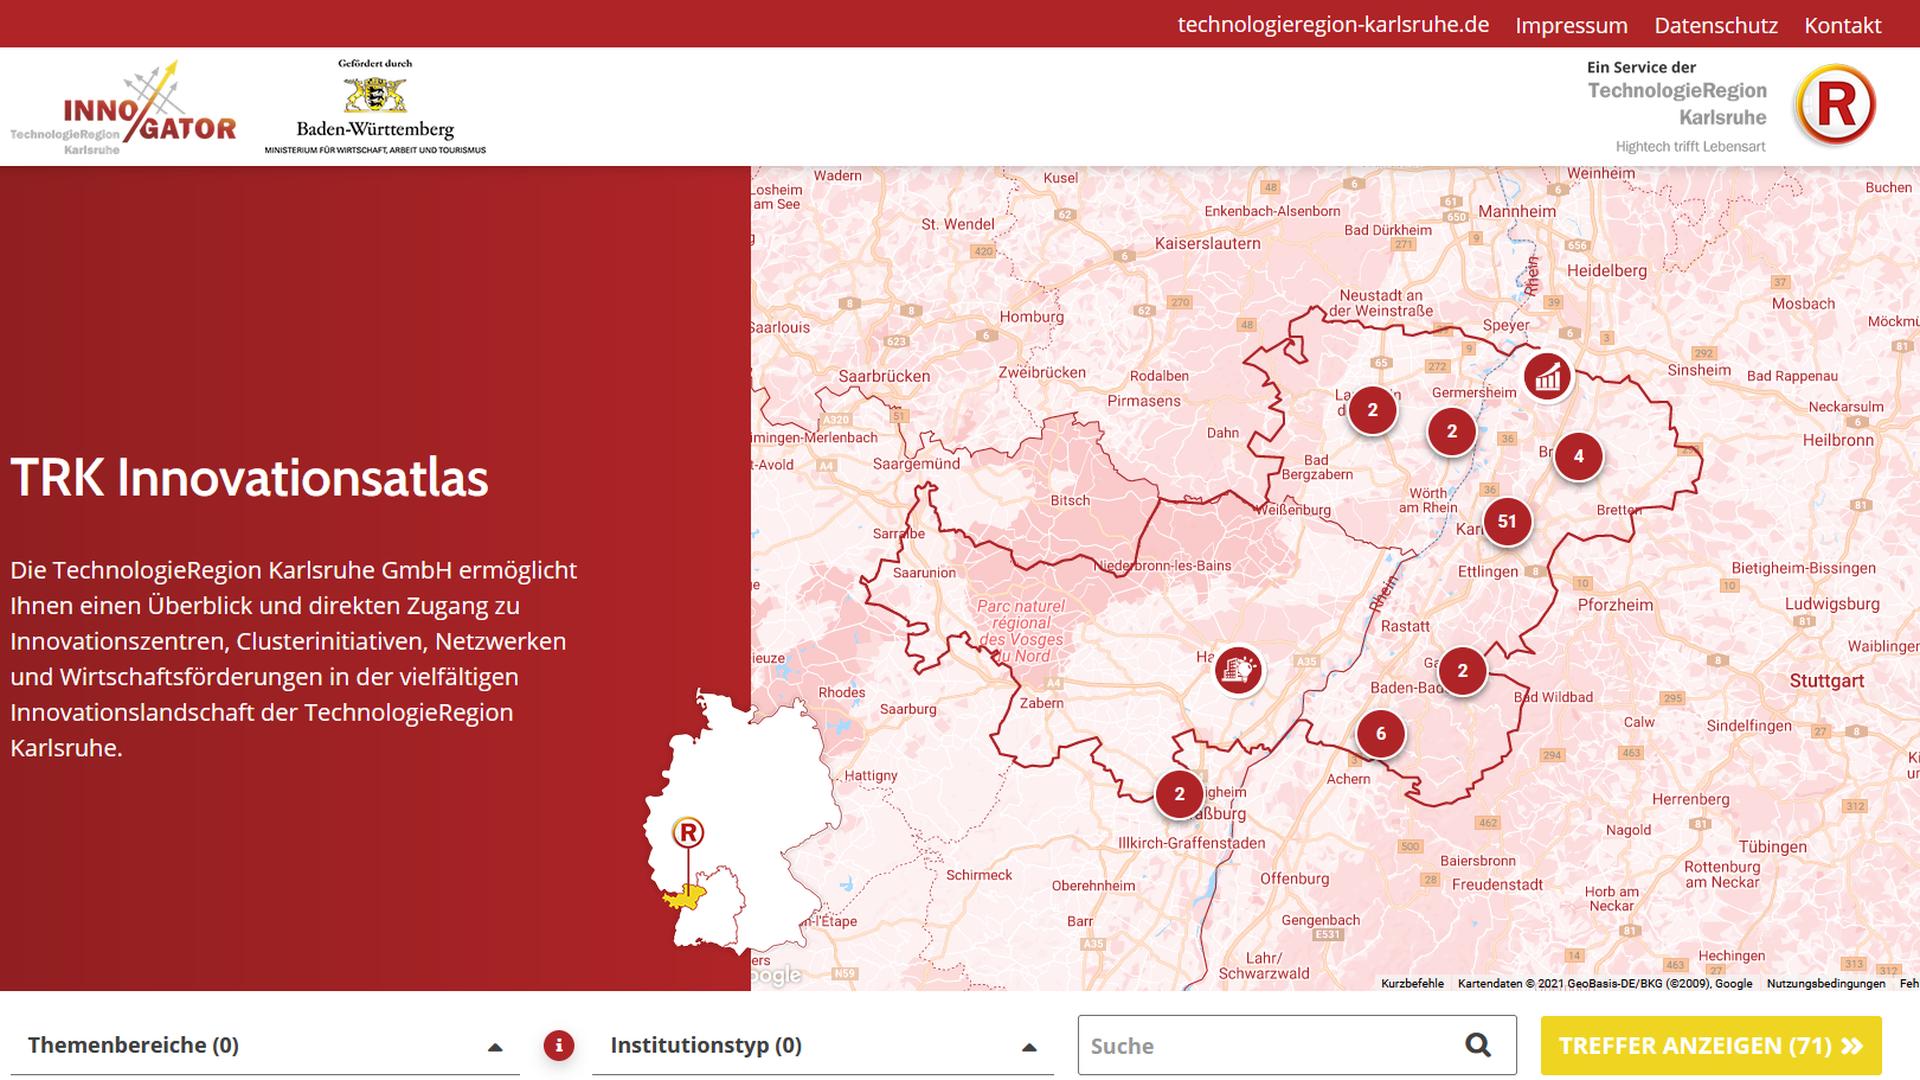 Der TRK Innovationsatlas ermöglicht einen Überblick sowie direkten Zugang zu Innovationsakteuren in den Regionen Mittlerer Oberrhein, Südpfalz und Nordelsass.